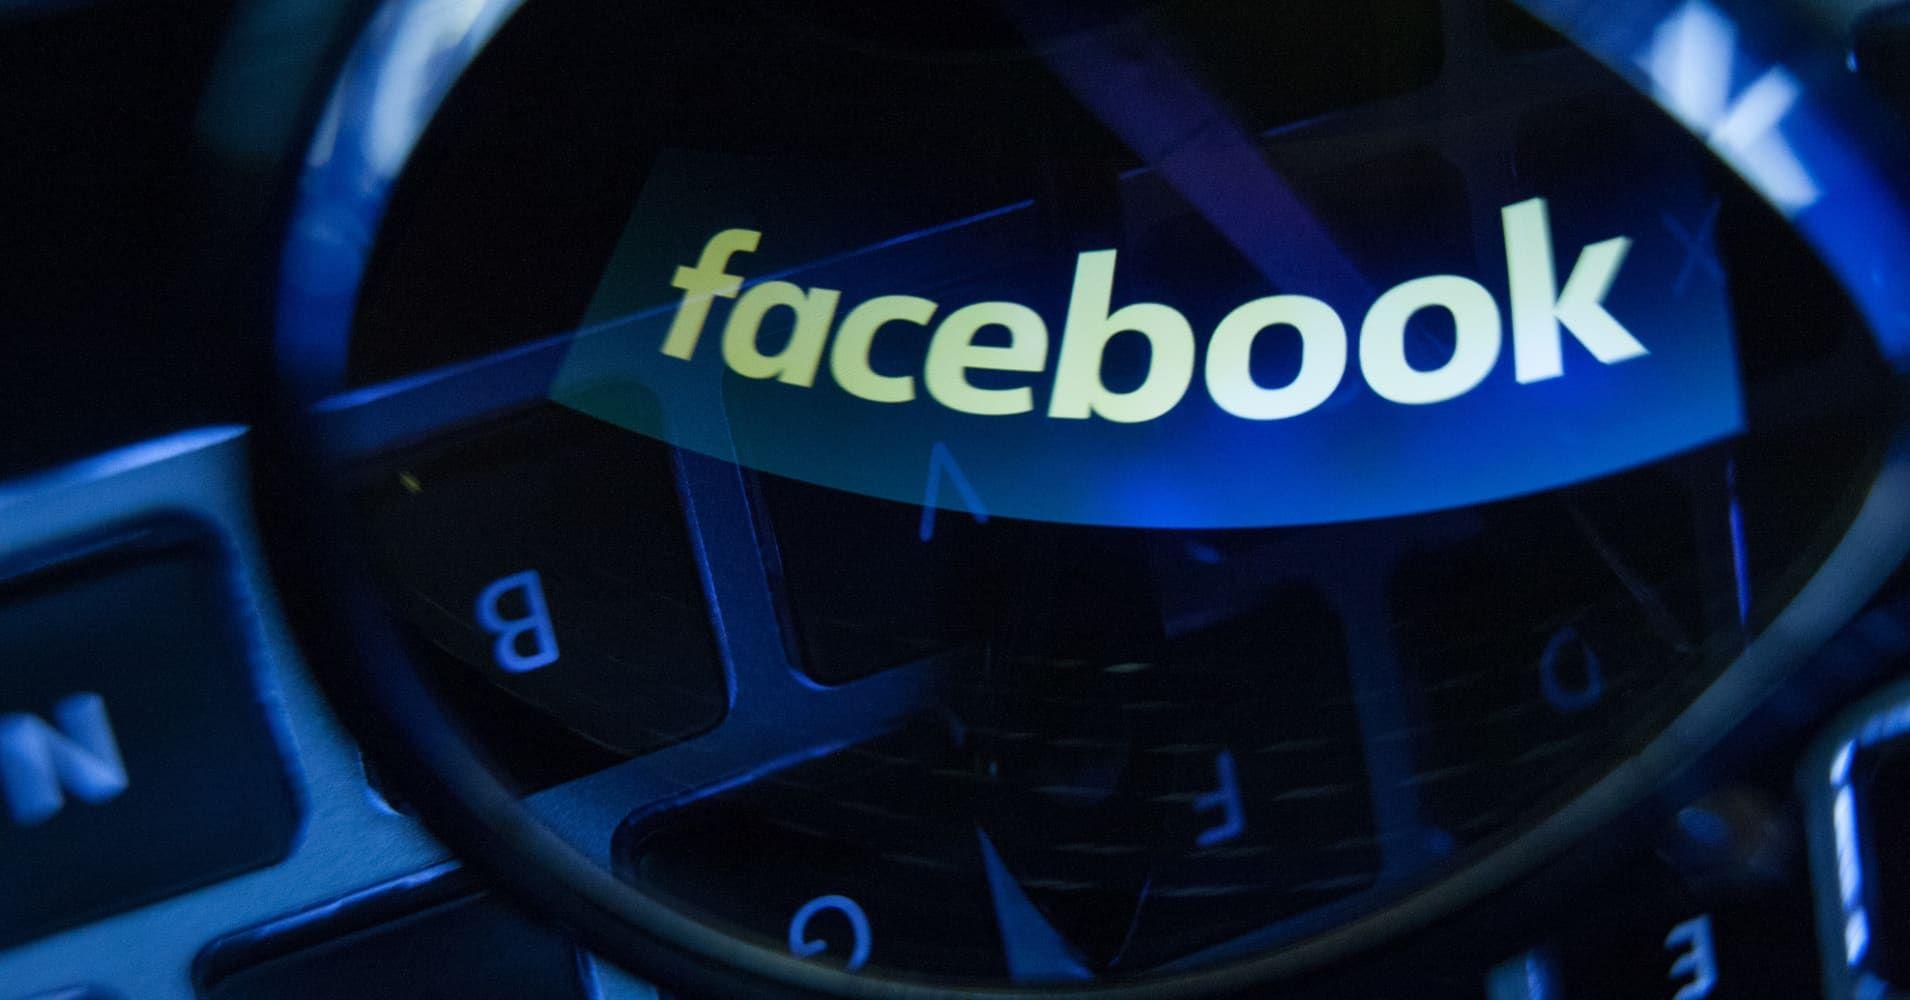 Facebook заблокувала акаунти дослідників, які вивчали прозорість політичної реклами на платформі